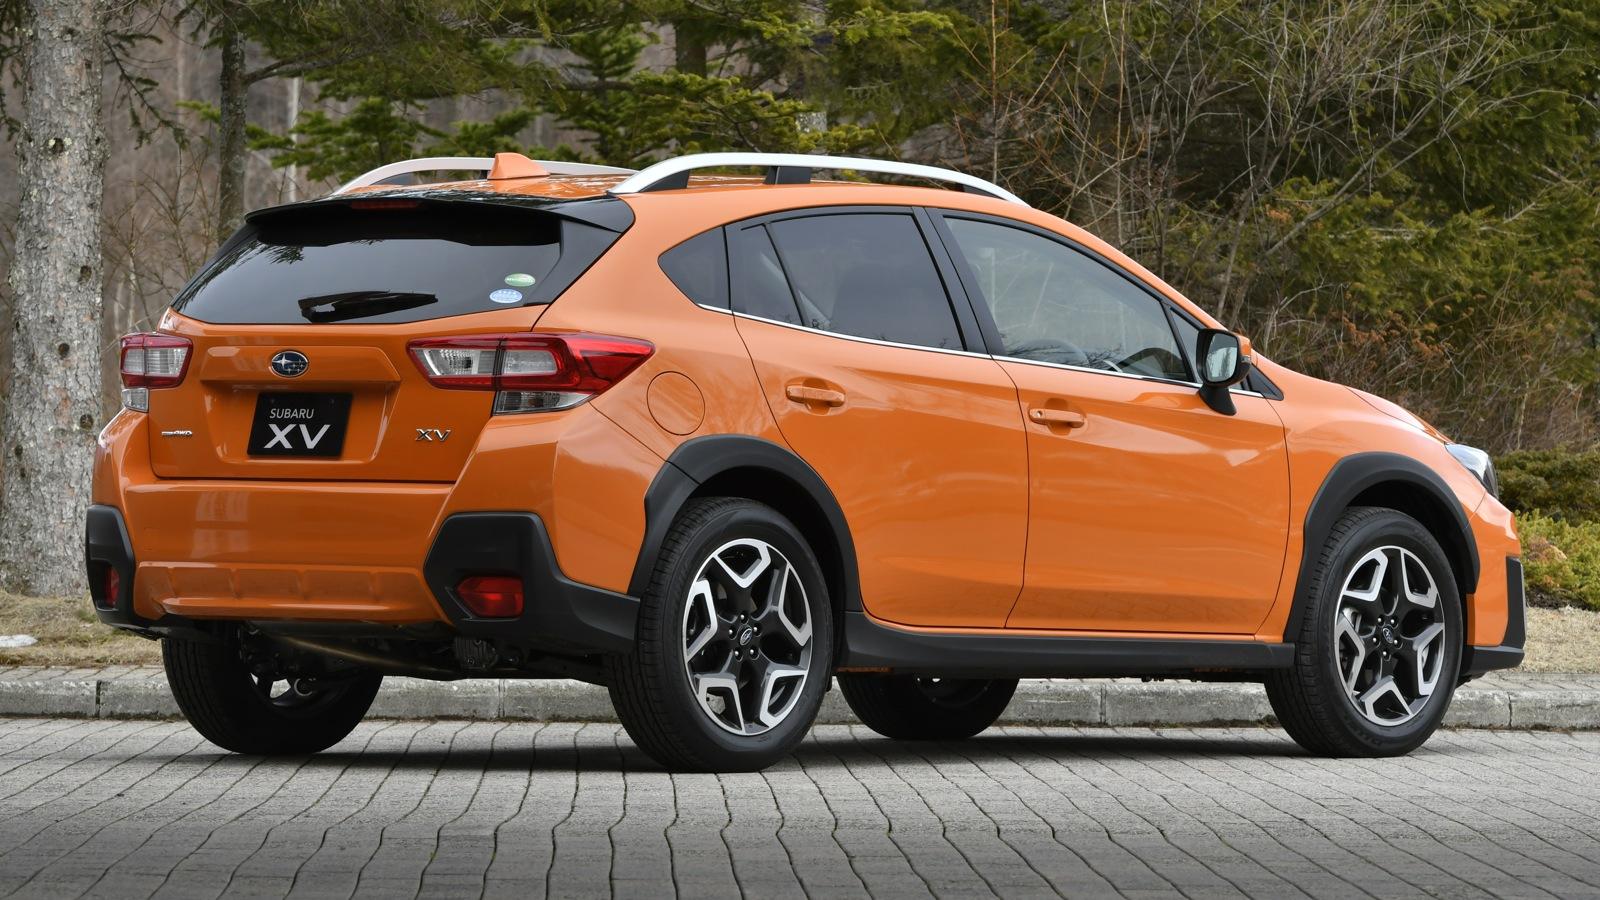 Luxury 2017 Subaru XV Review  CarAdvice